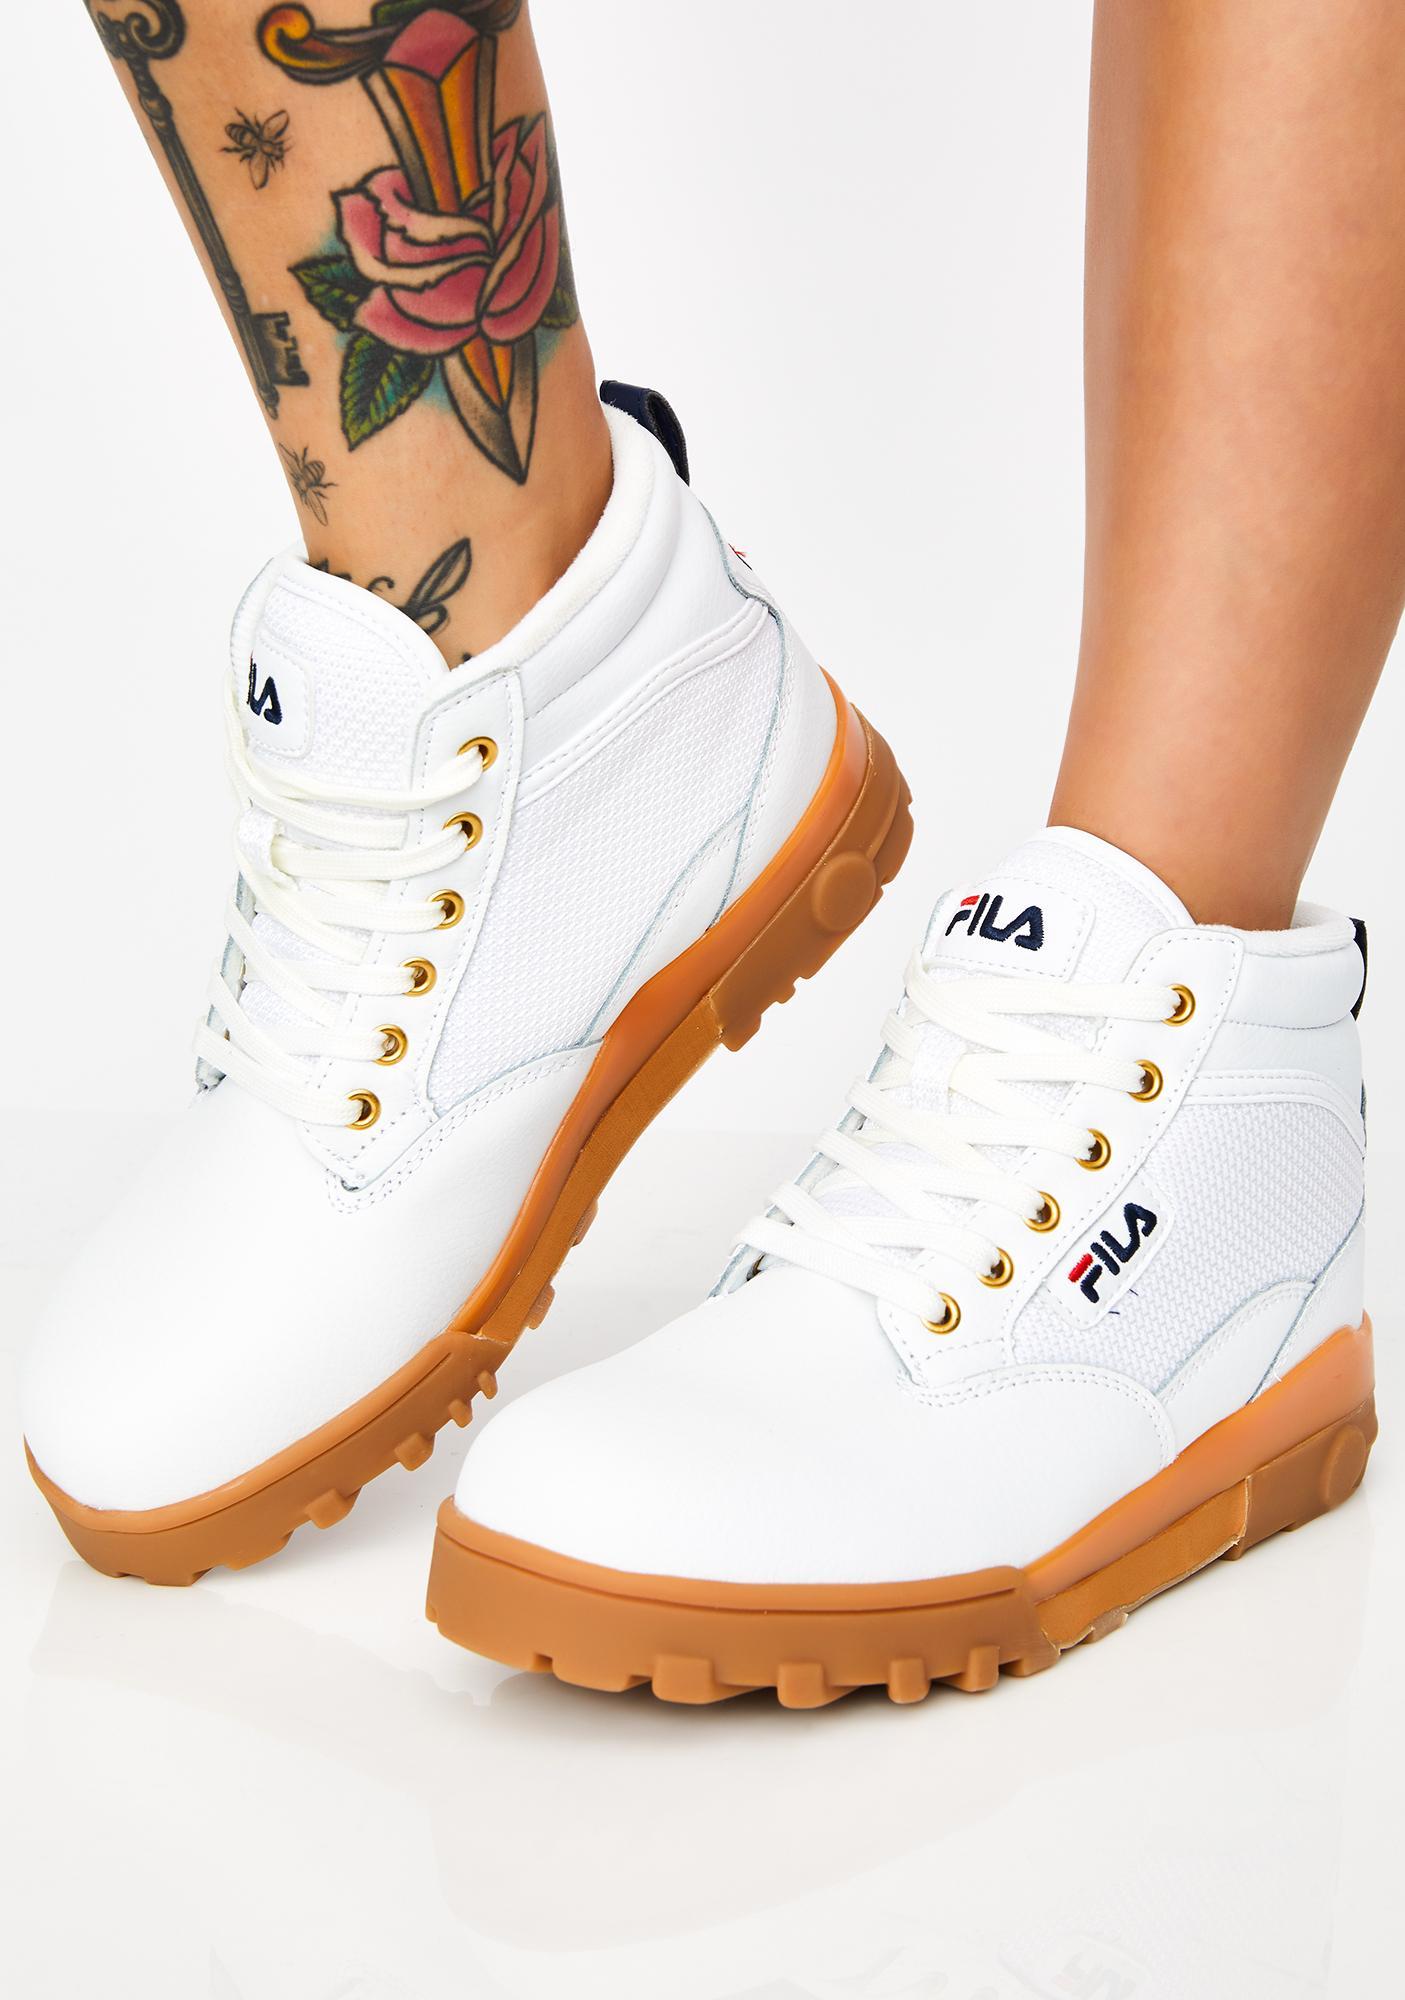 Grunge Sneakers